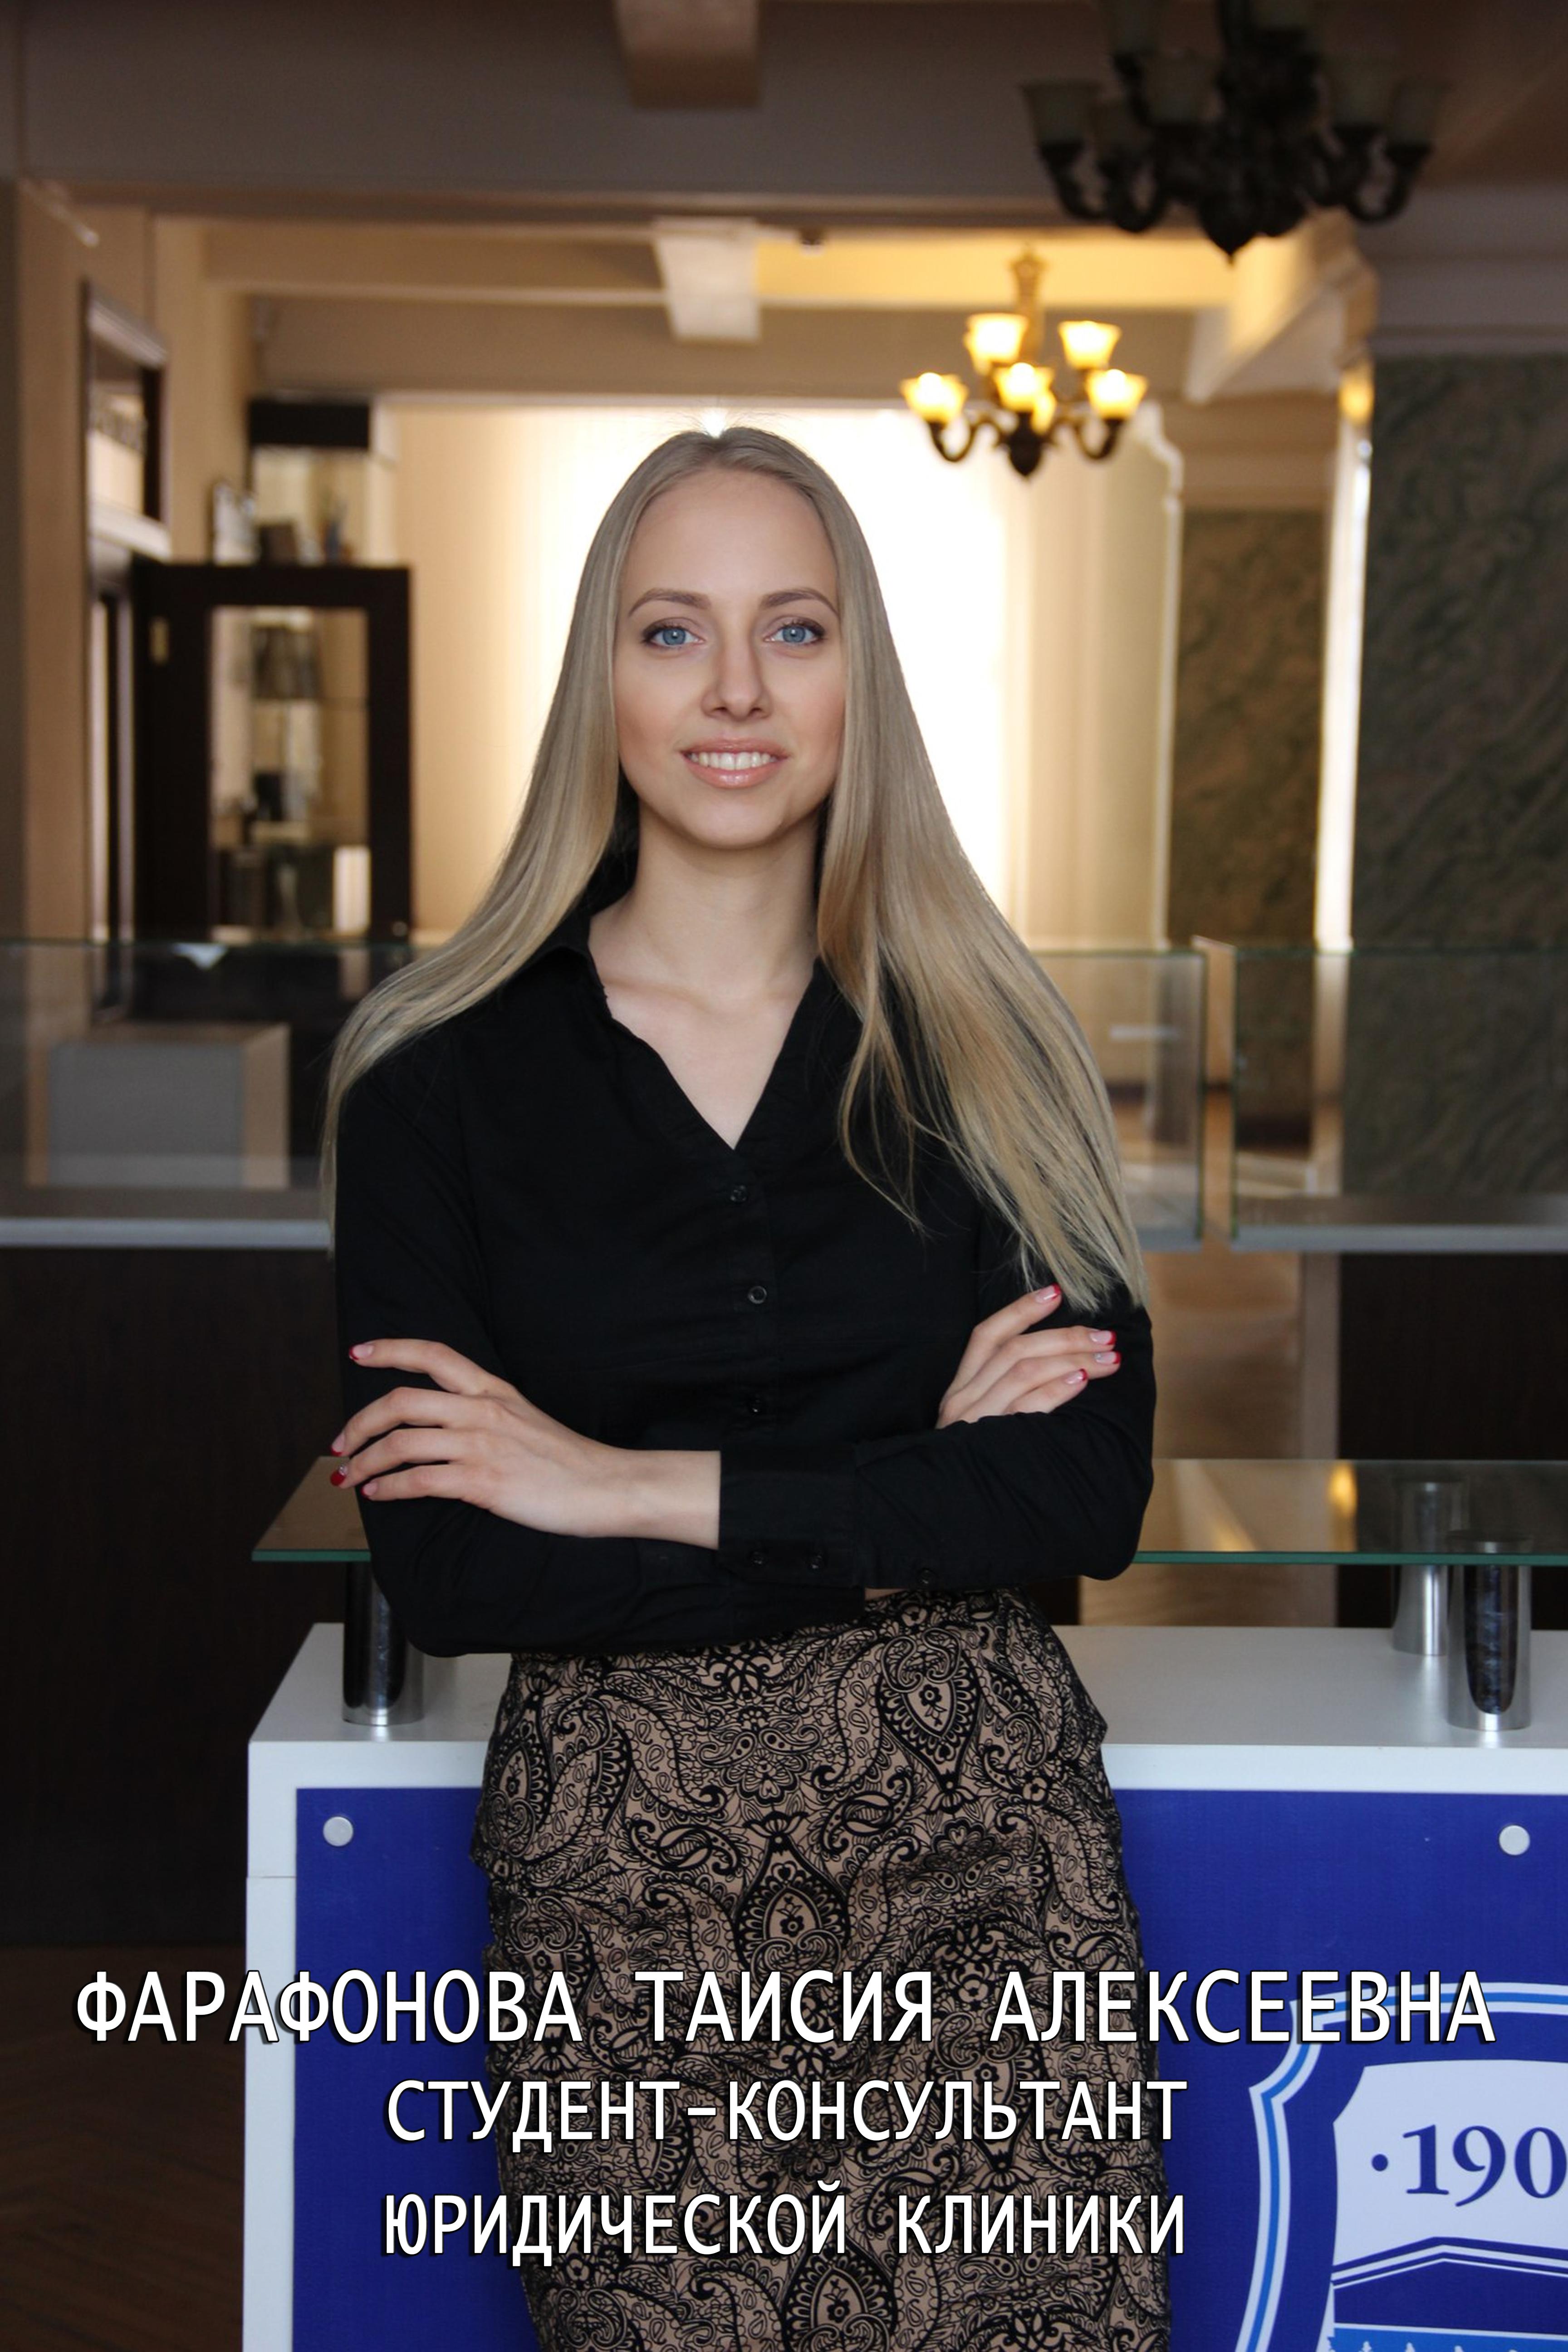 Фарафонова Таисия